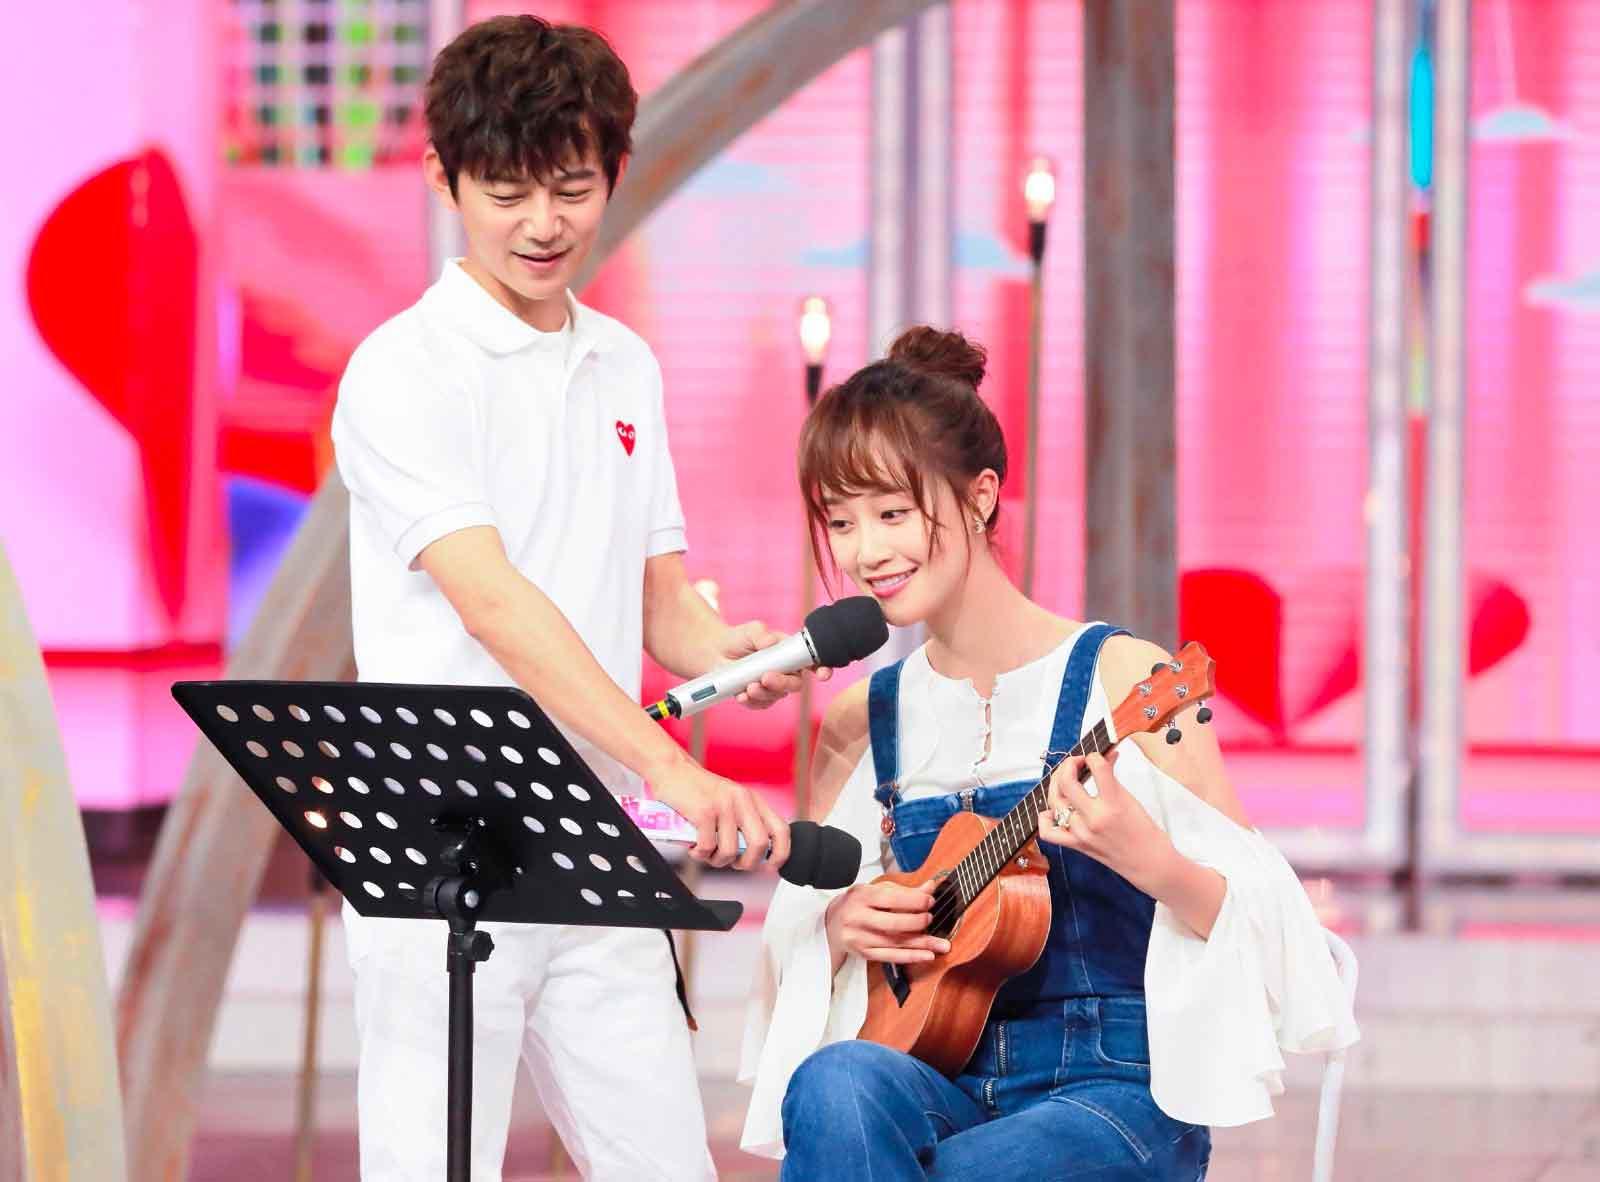 蓝盈莹首登《快乐大本营》尤克里里弹唱获赞文艺青年